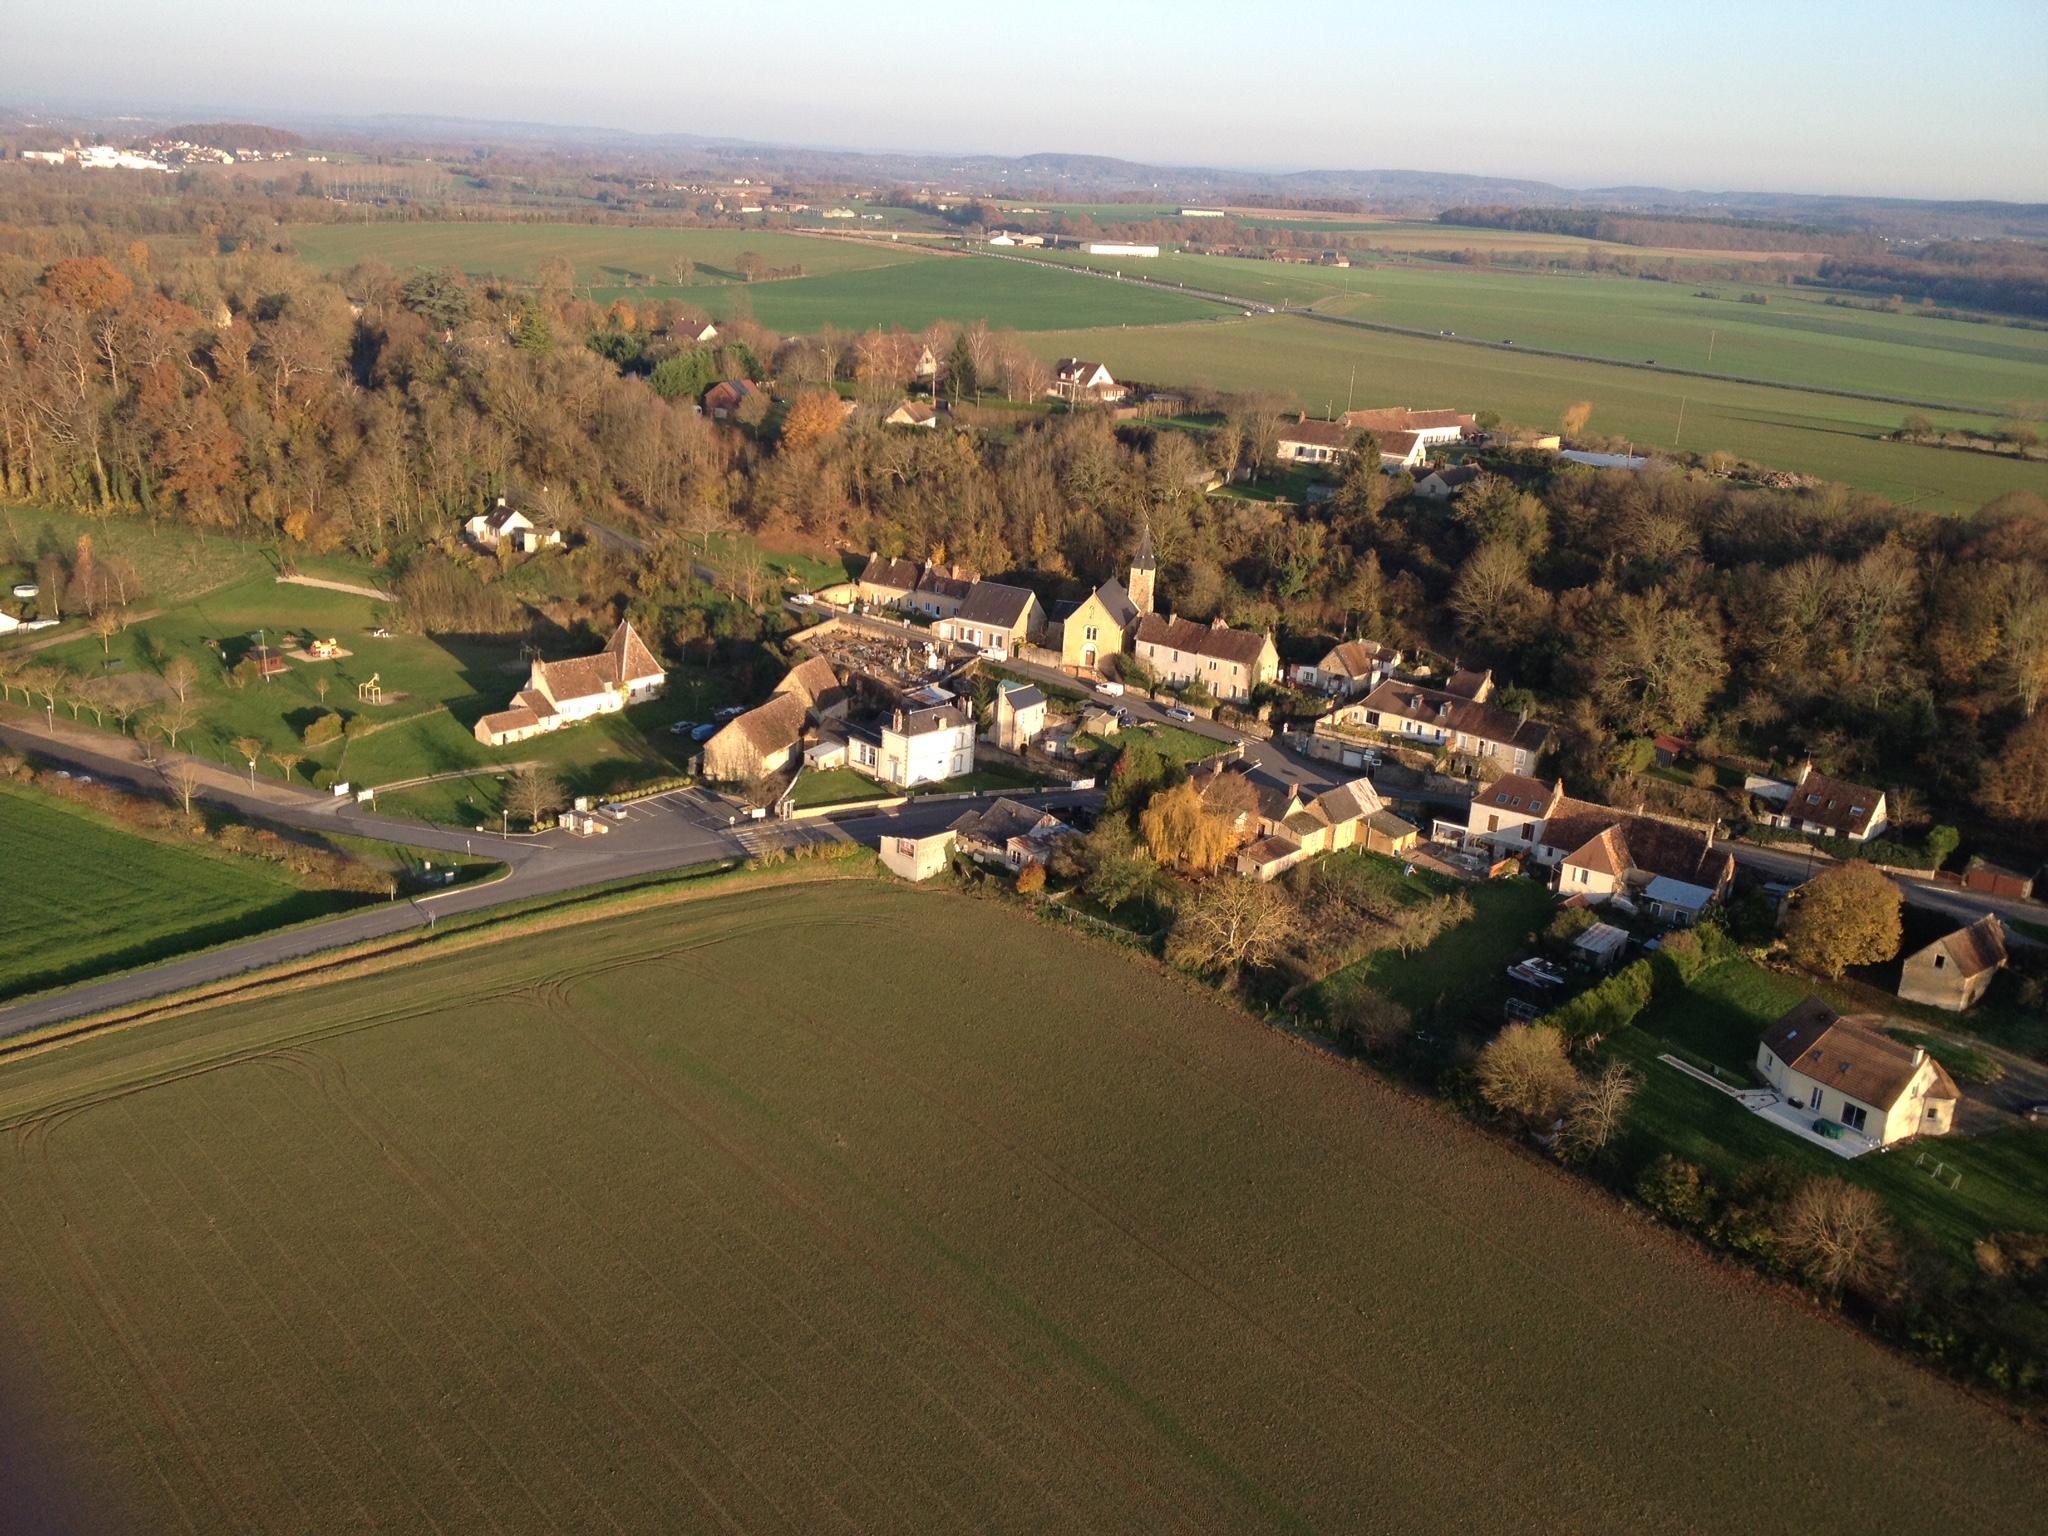 Vouvray-sur-Huisne